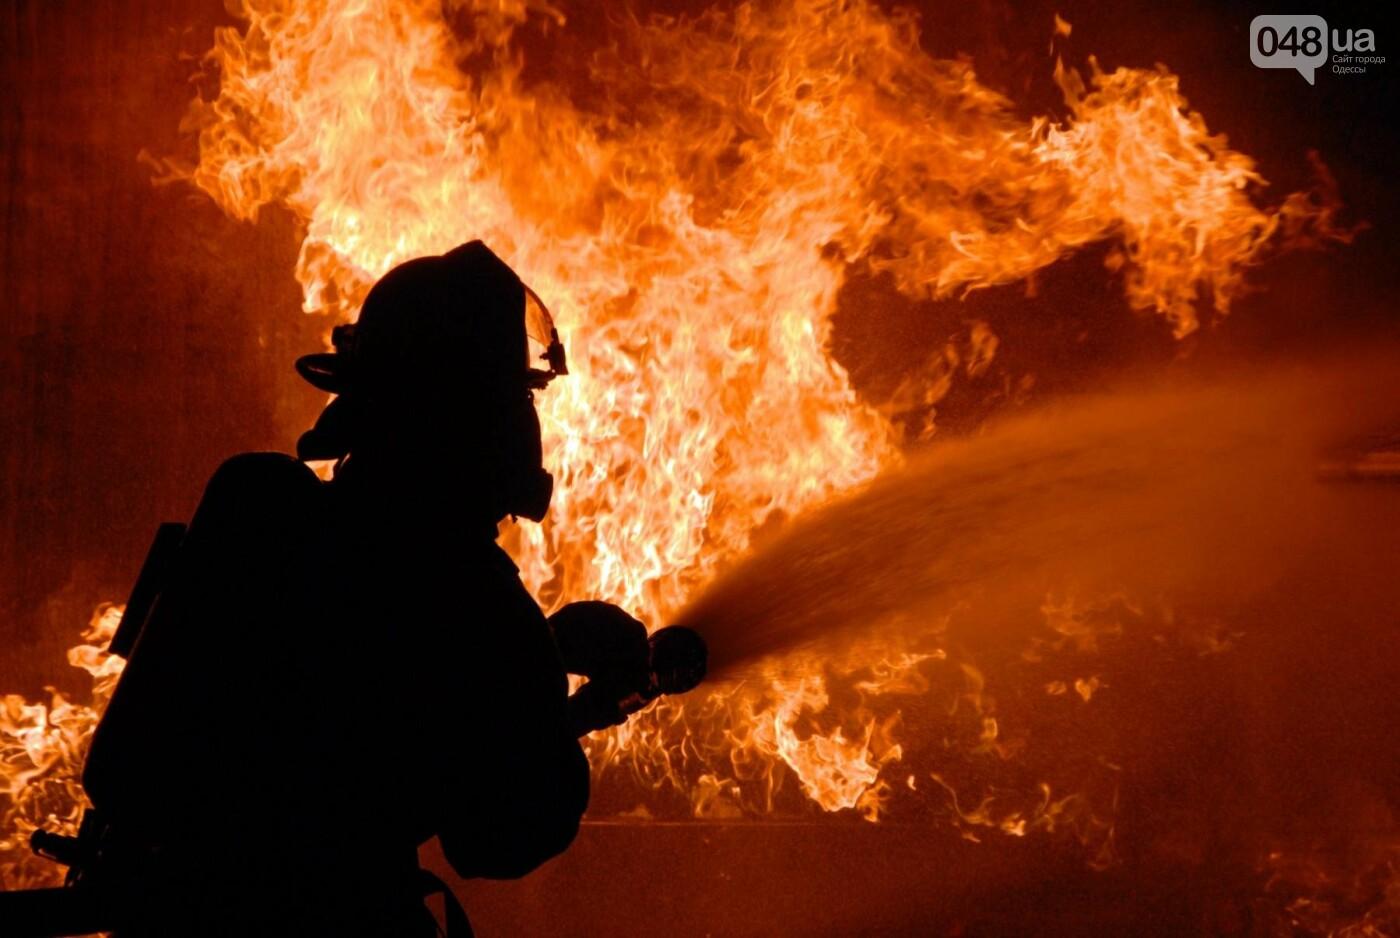 В подвале на одесской Лузановке сгорел человек, фото-1